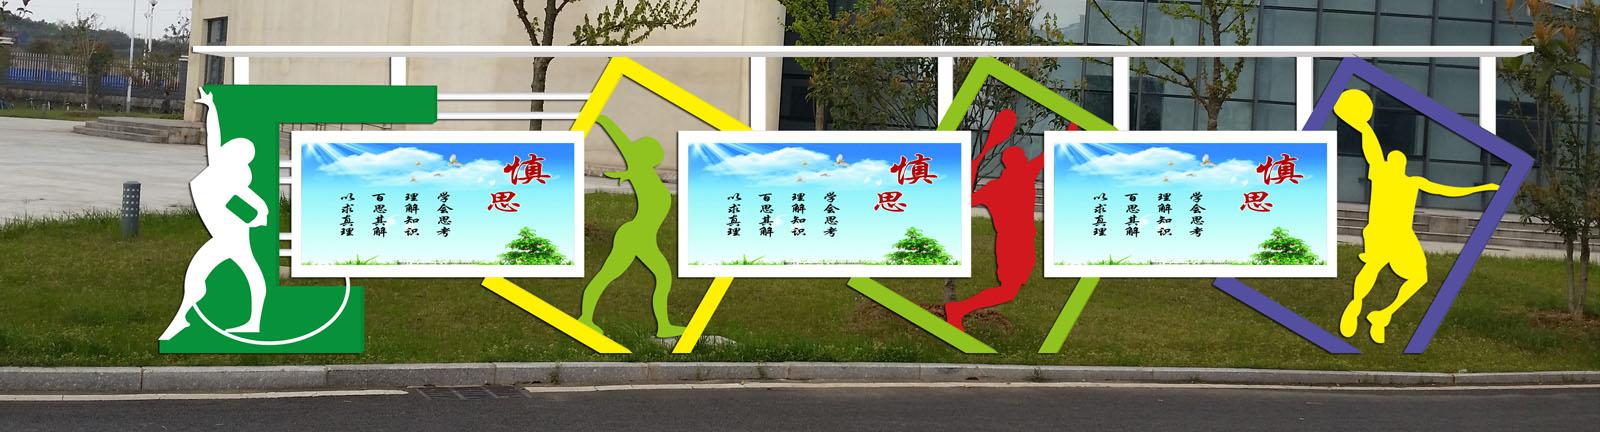 阳泉公交候车亭